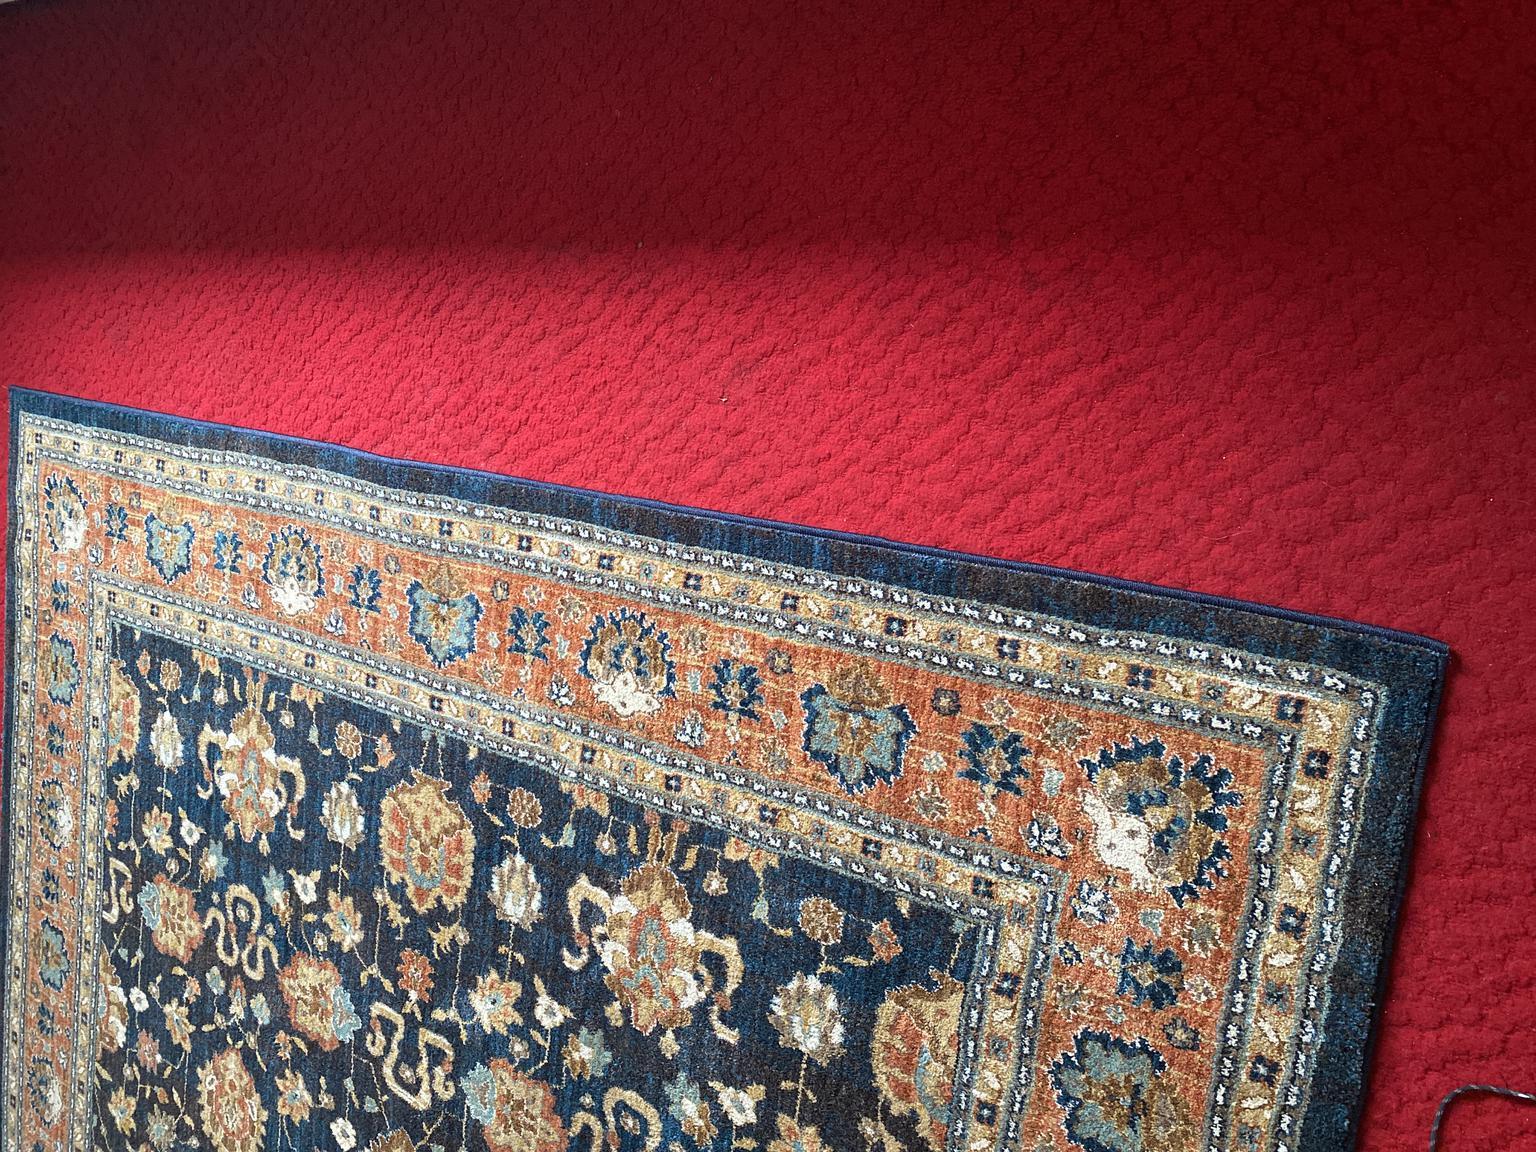 Carpet Stain Diagnostic FAQs